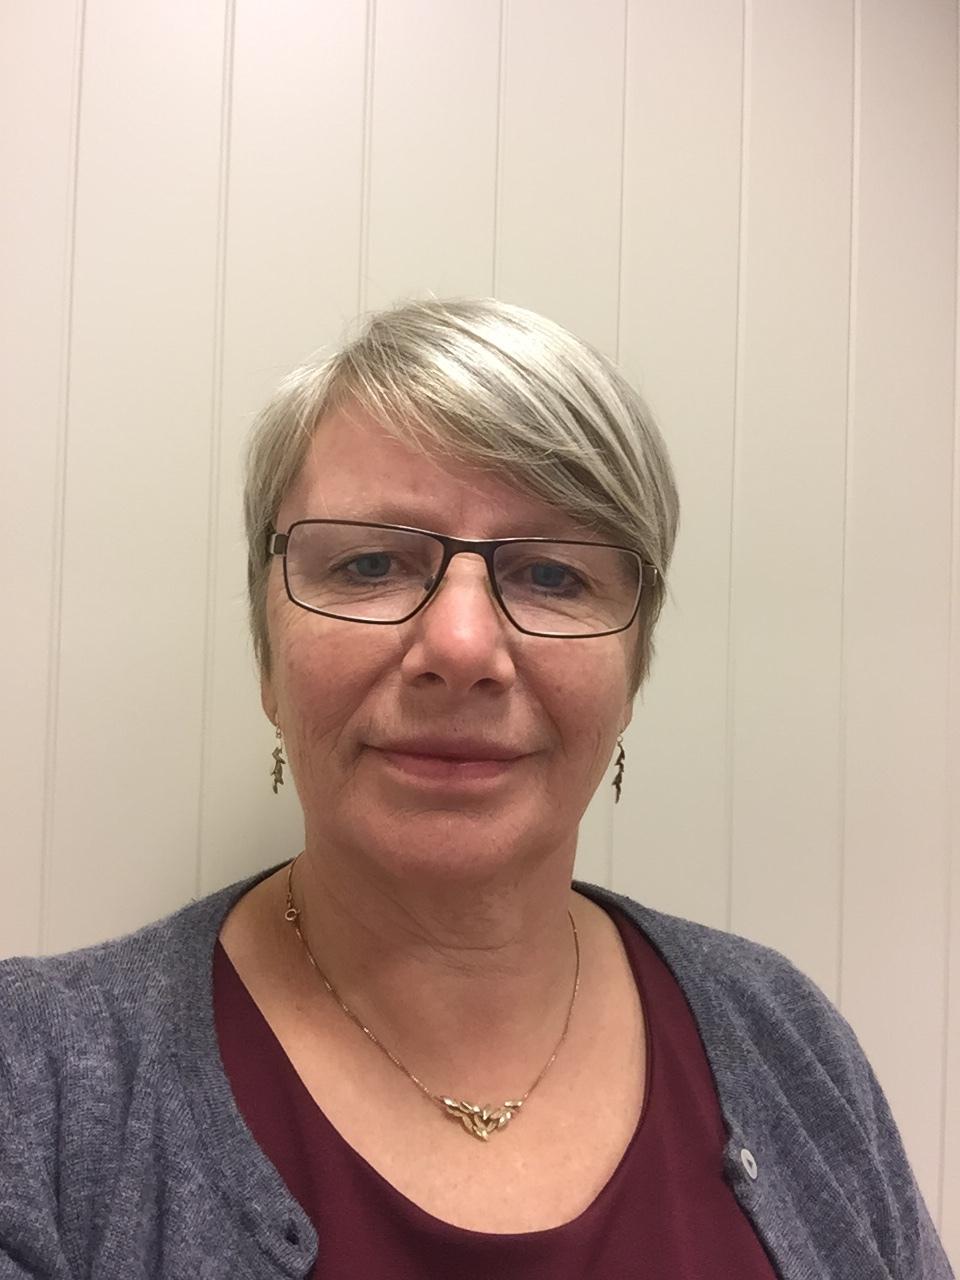 Mari Ann Sleipnes Sivertsen